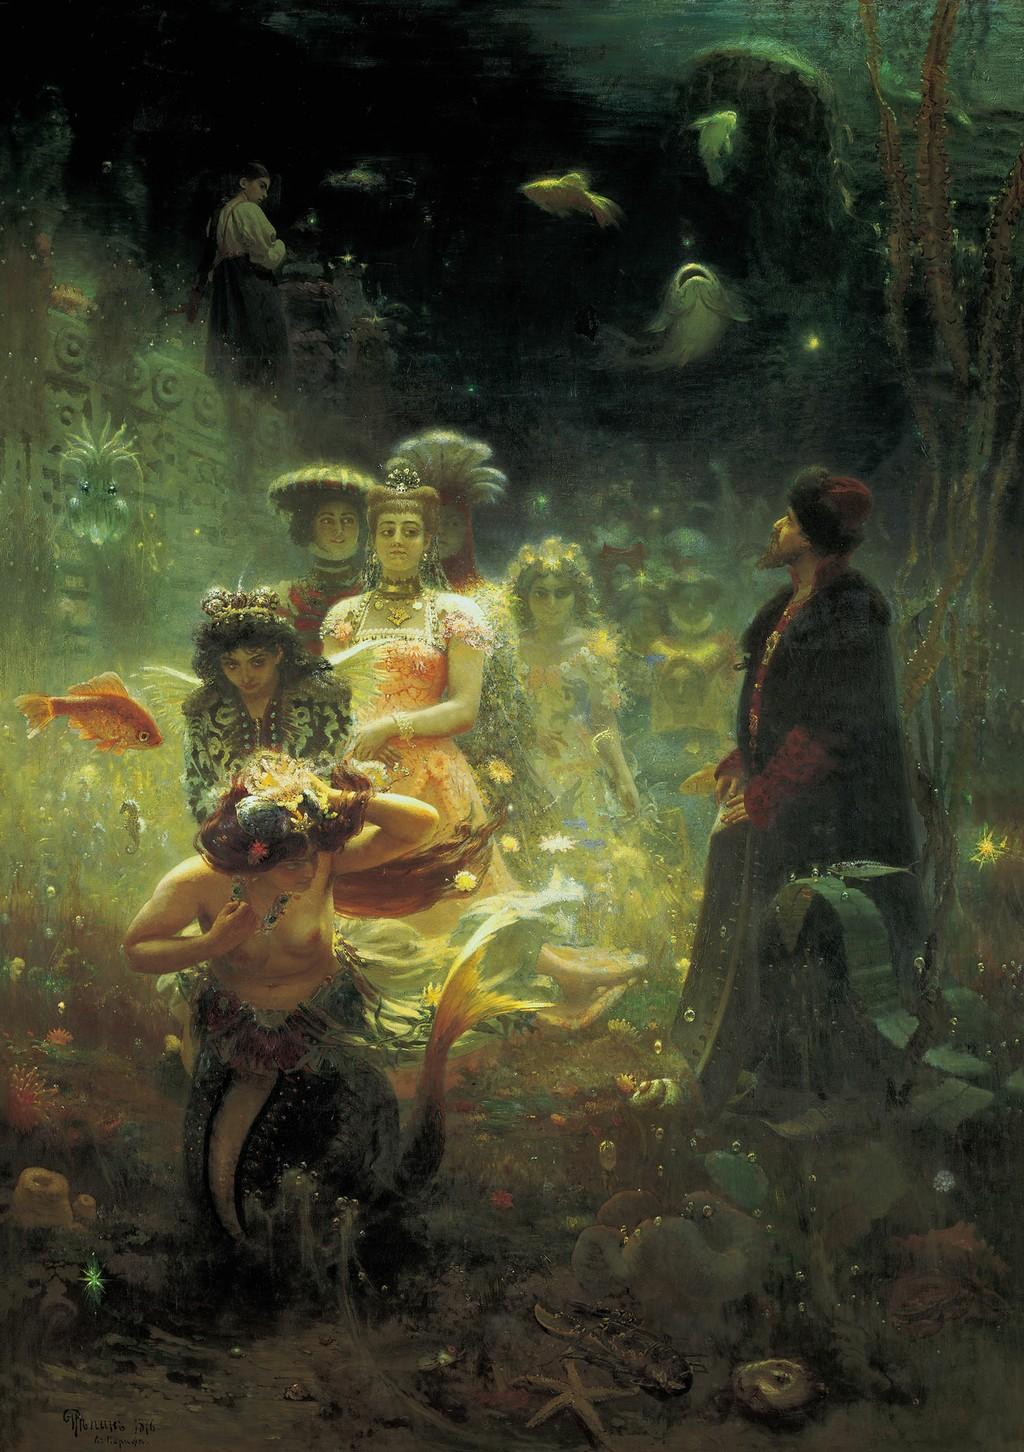 Римский корсаков садко скачать бесплатно mp3